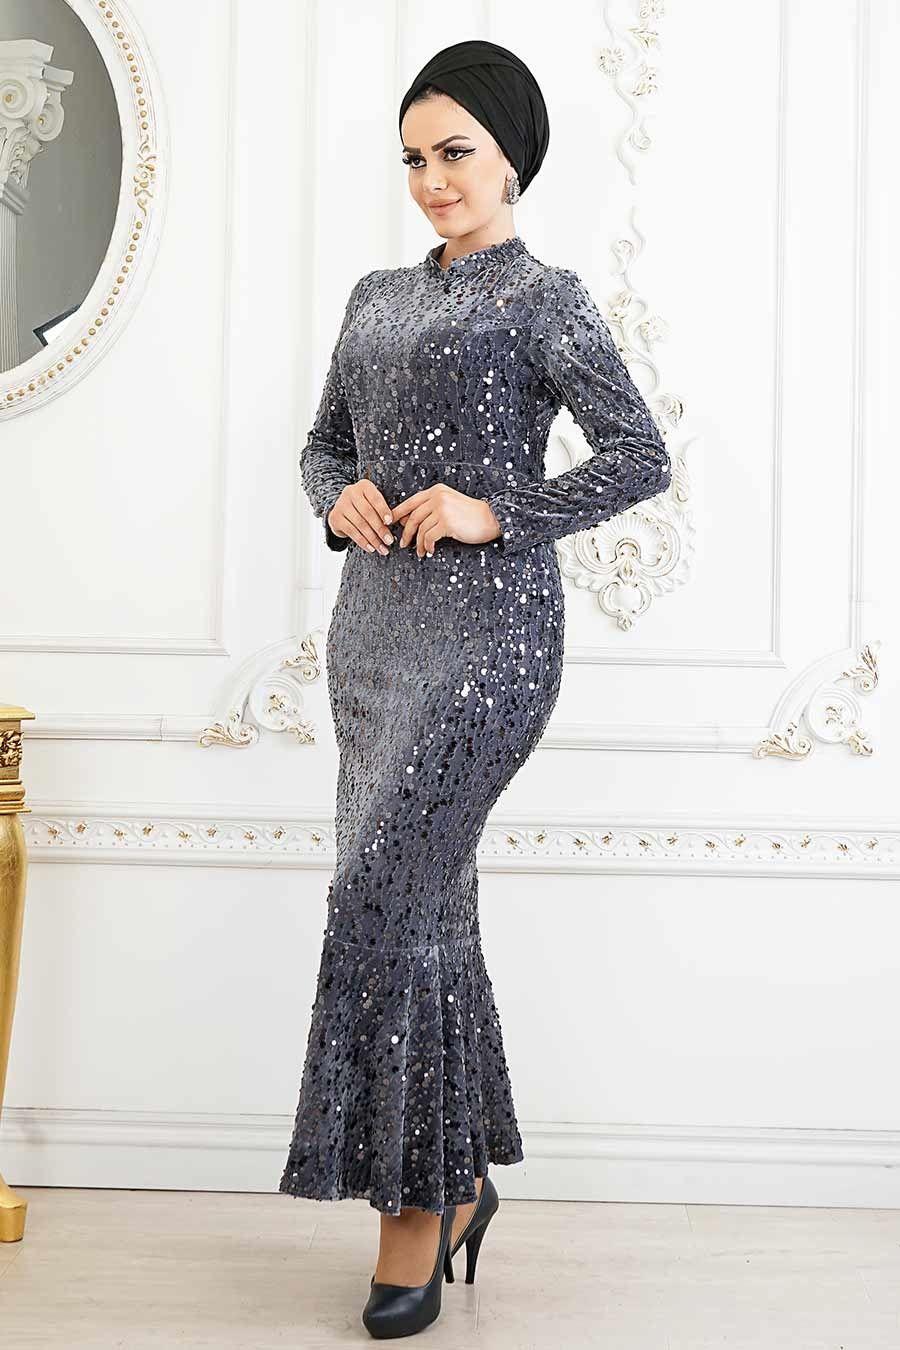 Tesetturlu Abiye Elbise Balik Model Fume Tesettur Abiye Elbise 87760fu Tesetturisland Com Elbise Resmi Elbise The Dress